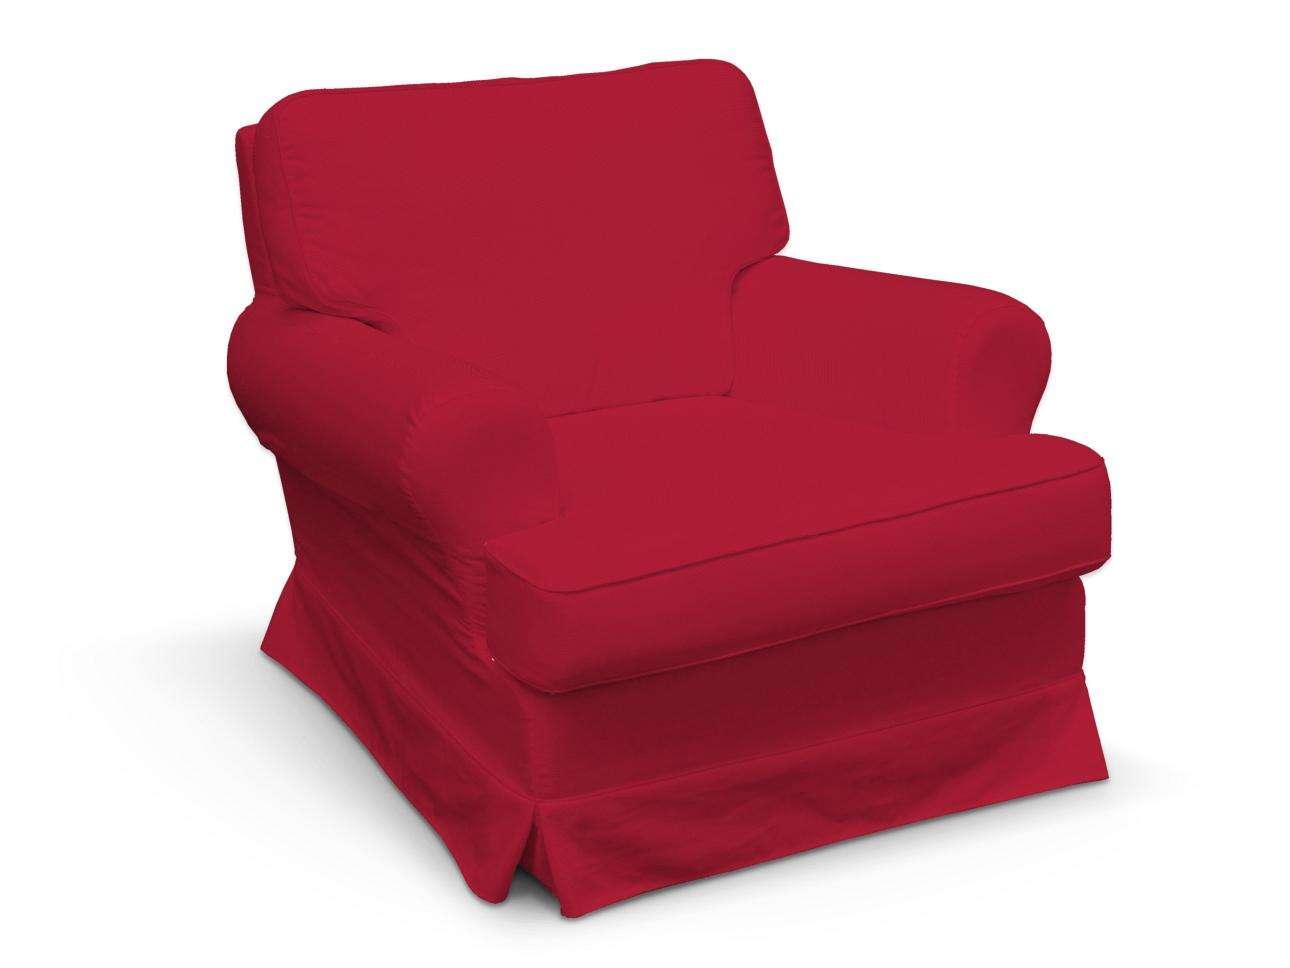 Barkaby fotelio užvalkalas Barkaby fotelio užvalkalas kolekcijoje Cotton Panama, audinys: 702-04